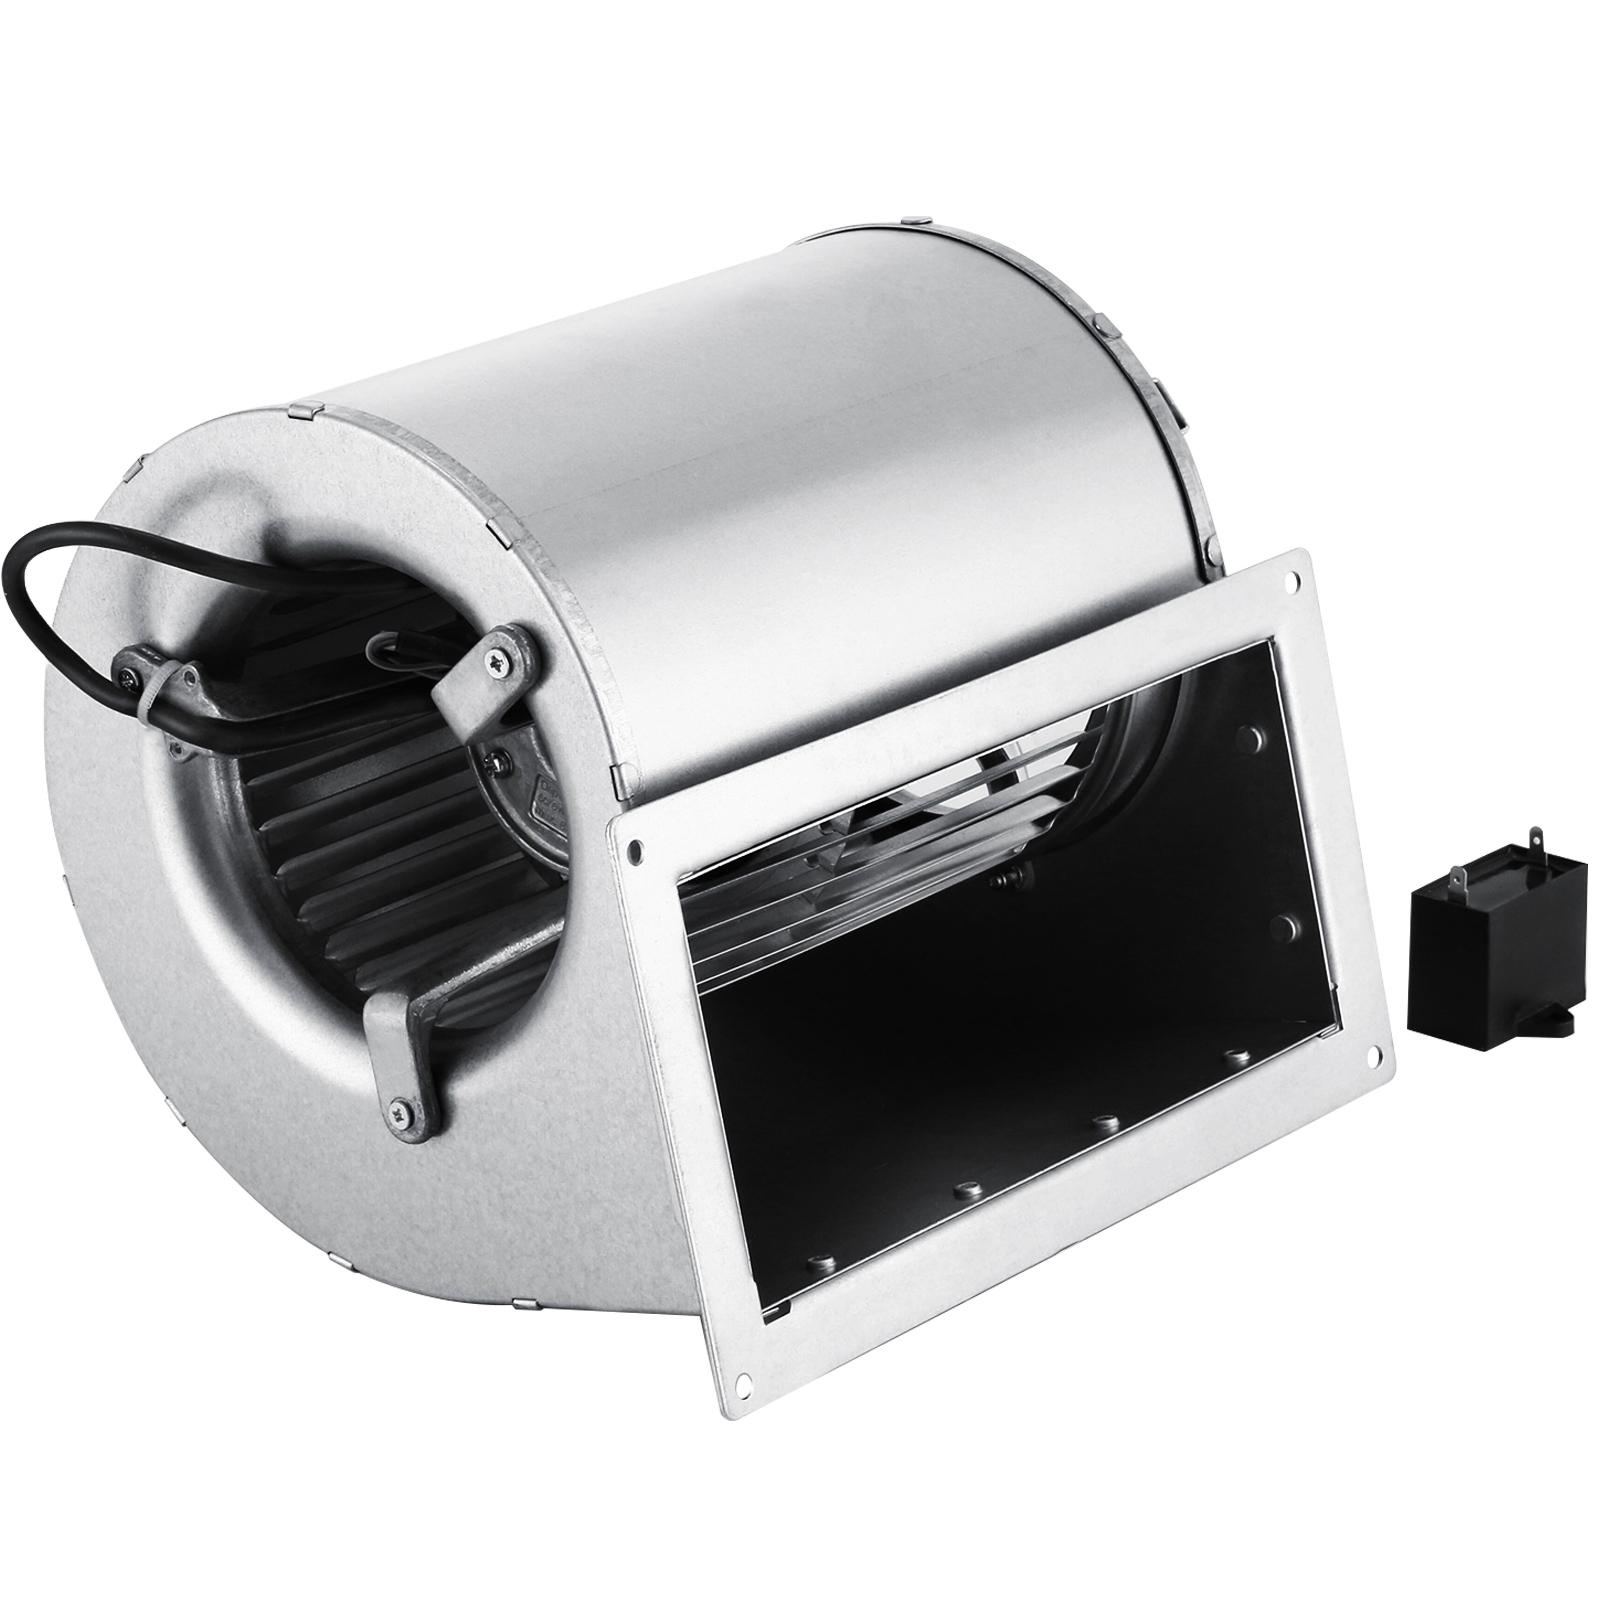 250W-Ventilateur-Centrifuge-Pellets-Granules-Entree-Double-AC-220V-Bois